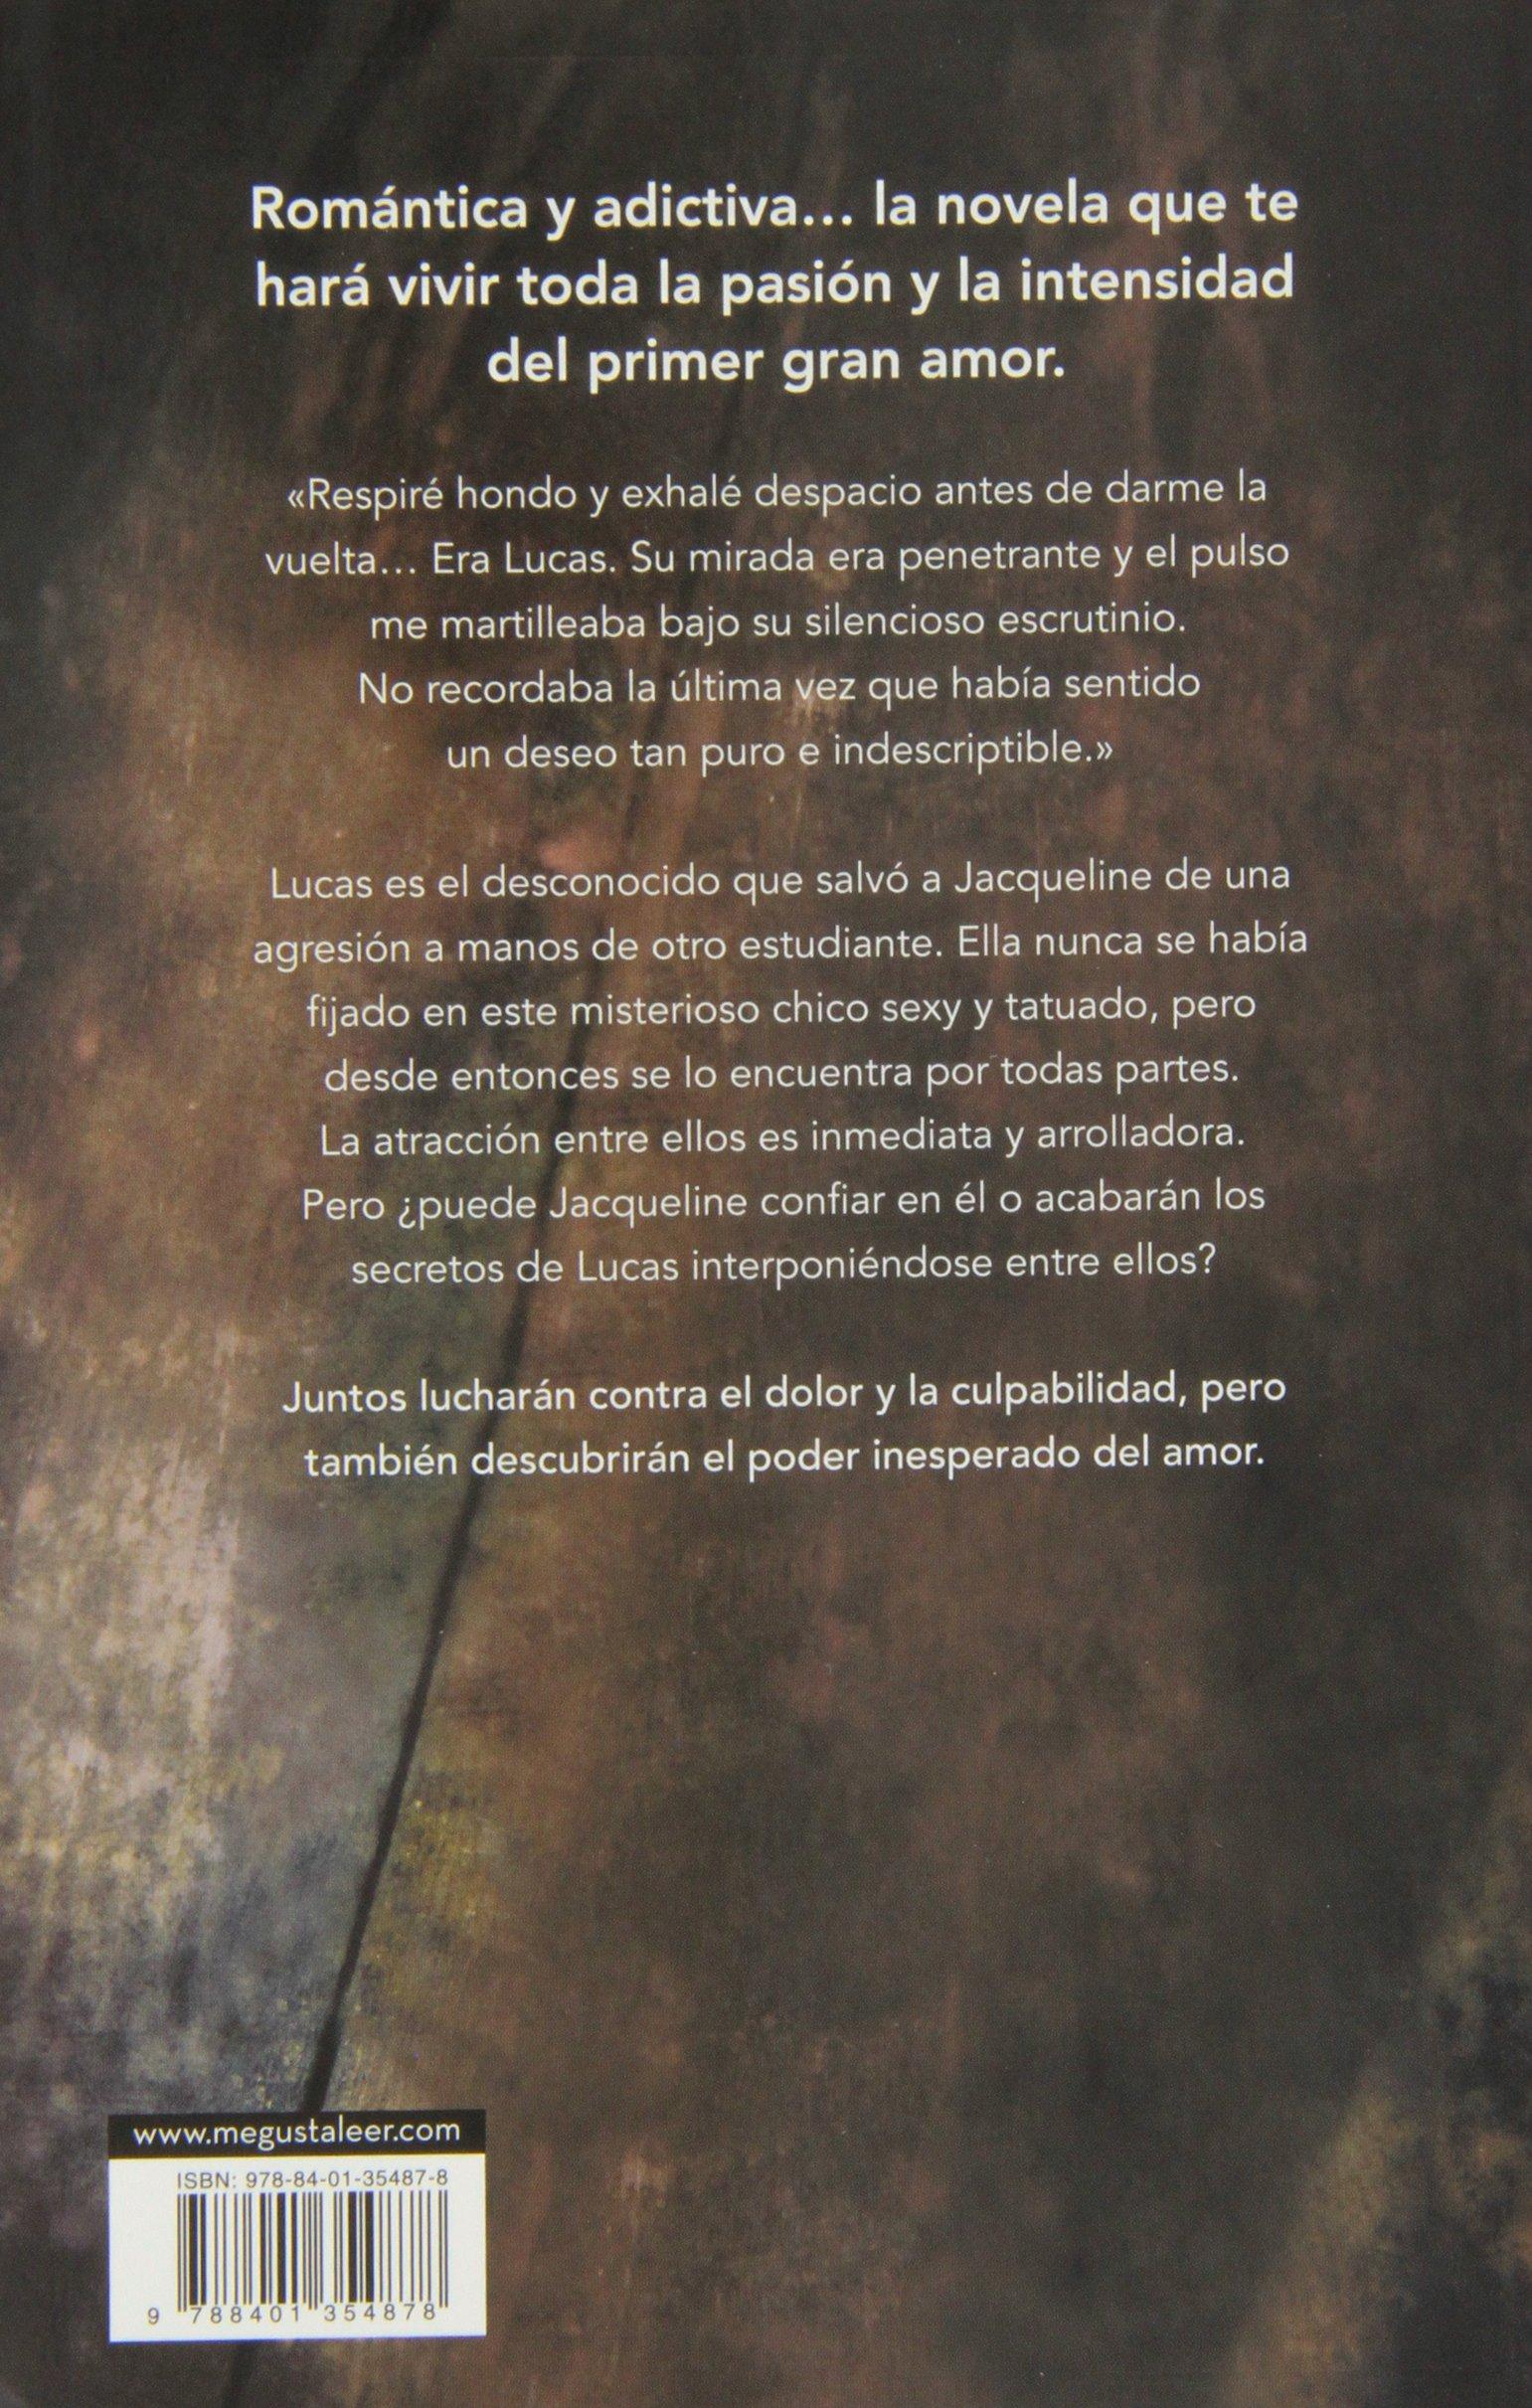 El amor es todo menos sencillo (Spanish Edition): Tammara Webber: 9788401354878: Amazon.com: Books